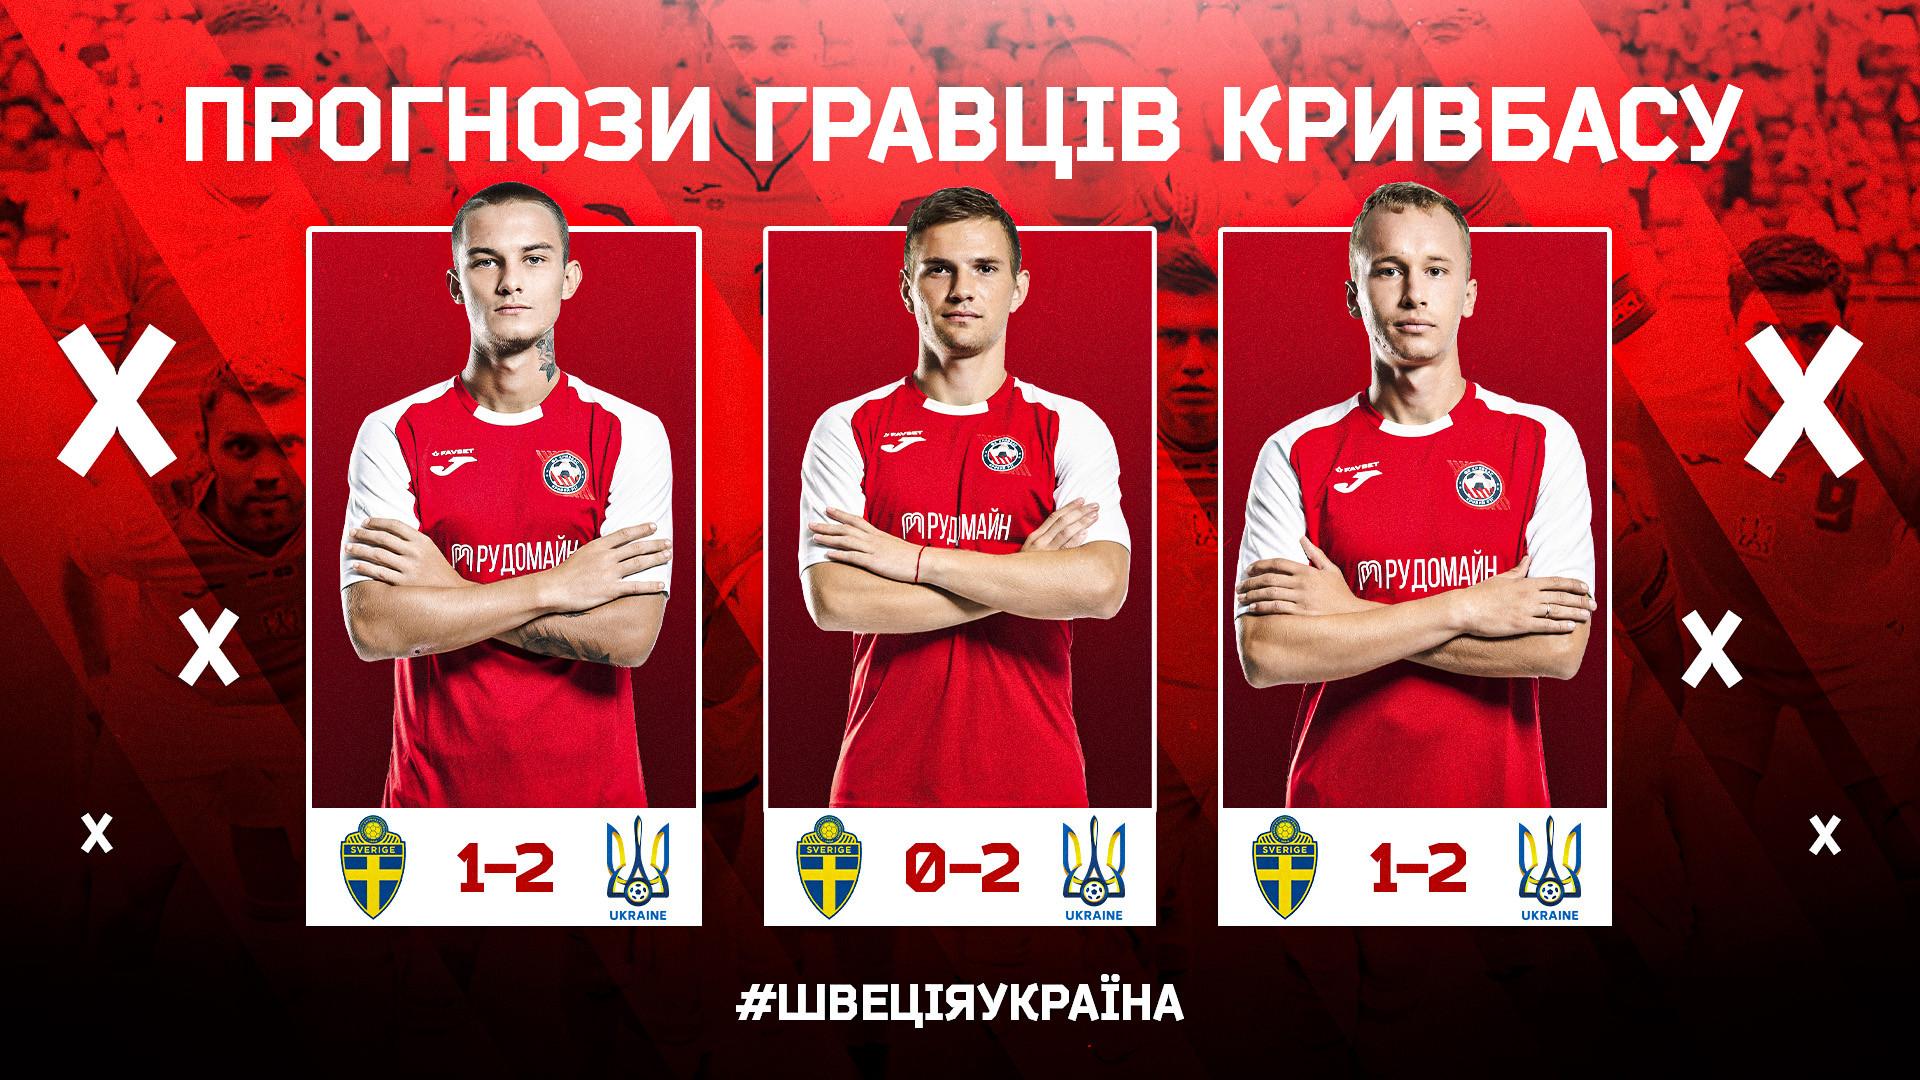 """Швеція - Україна: який рахунок прогнозують гравці """"Кривбасу""""?}"""